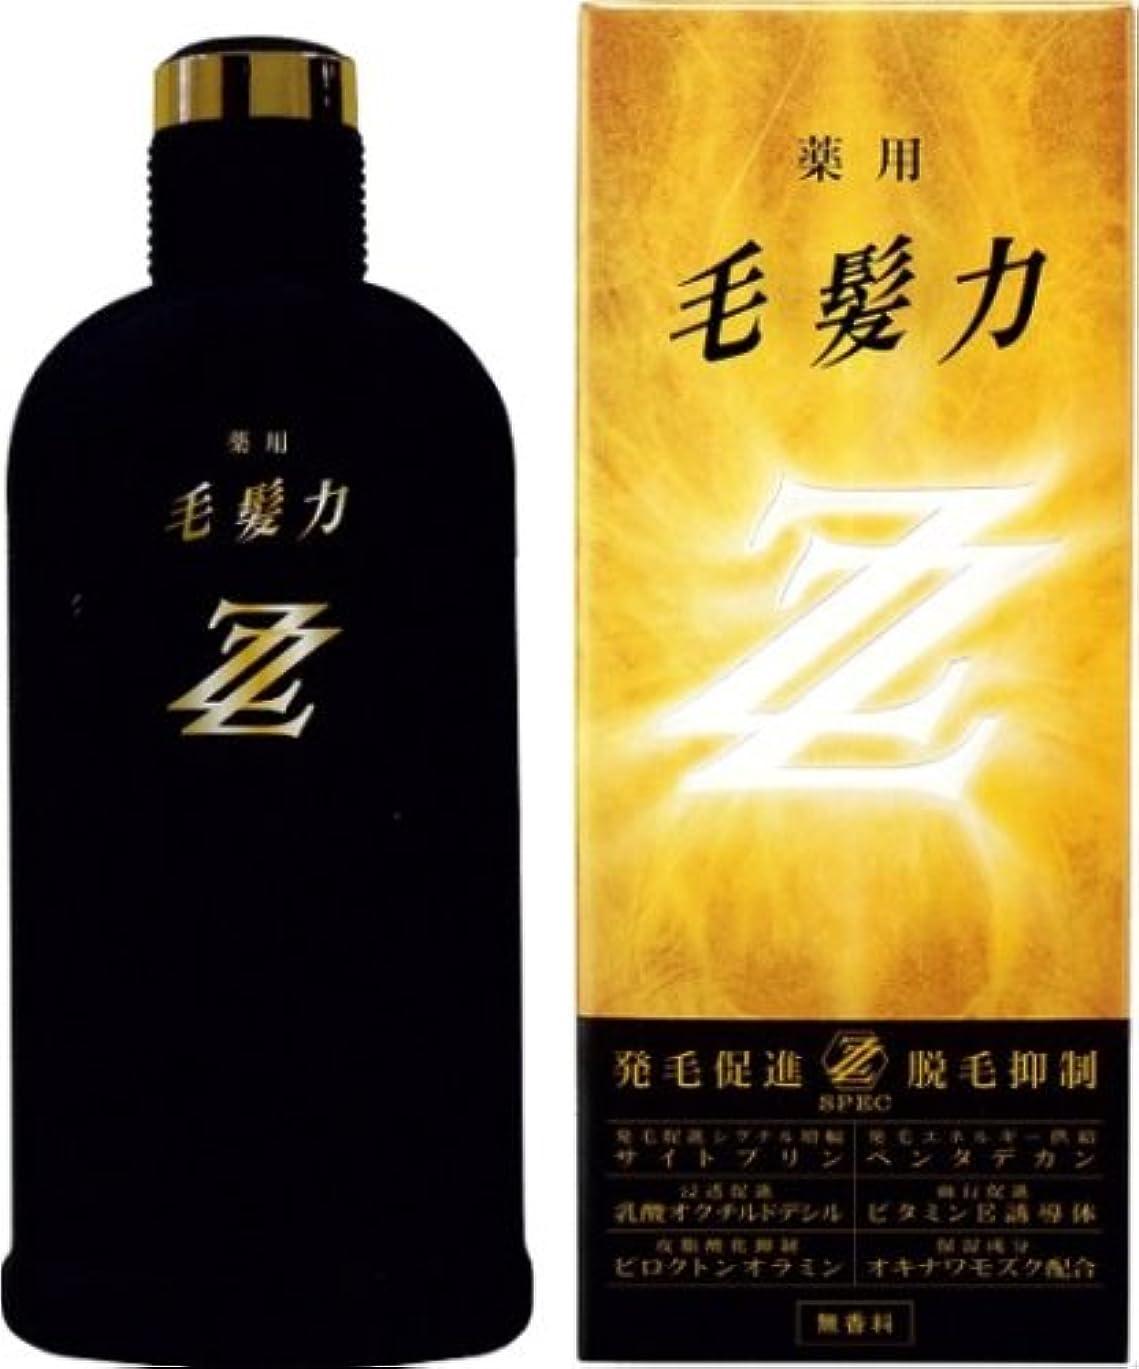 アラスカ延ばすコントラスト薬用毛髪力ZZ(ダブルジー) 育毛剤 200ml(医薬部外品)